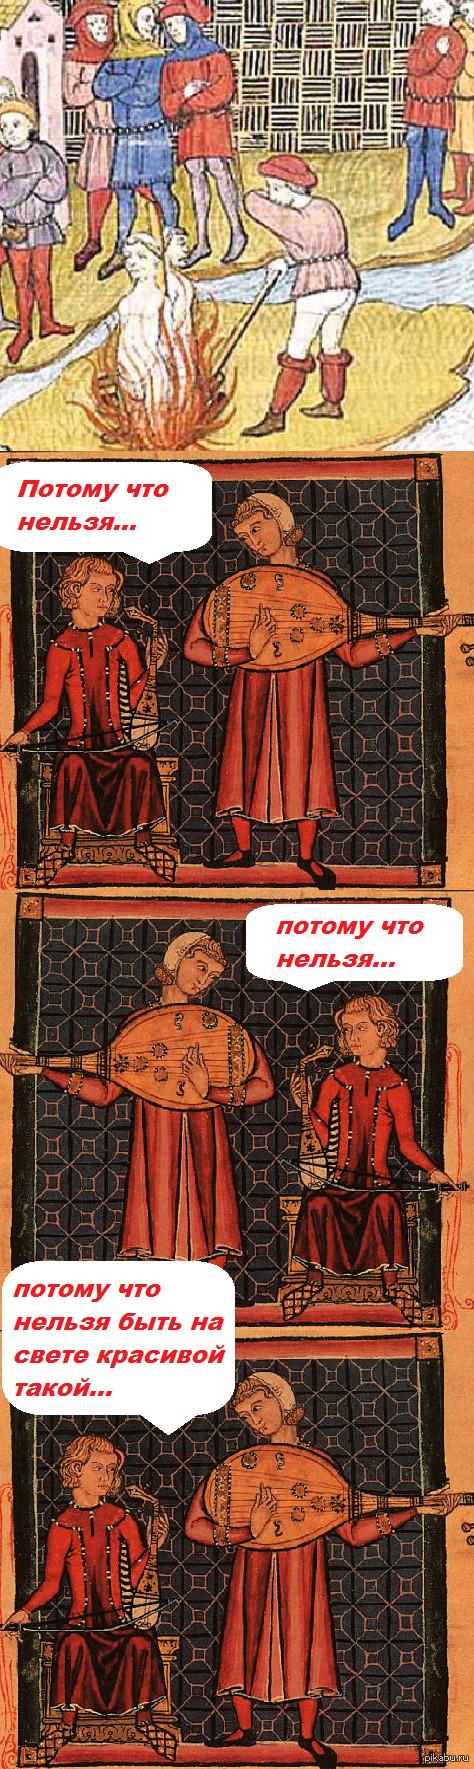 Почему сжигали ведьм? навеяно одной известной песней)